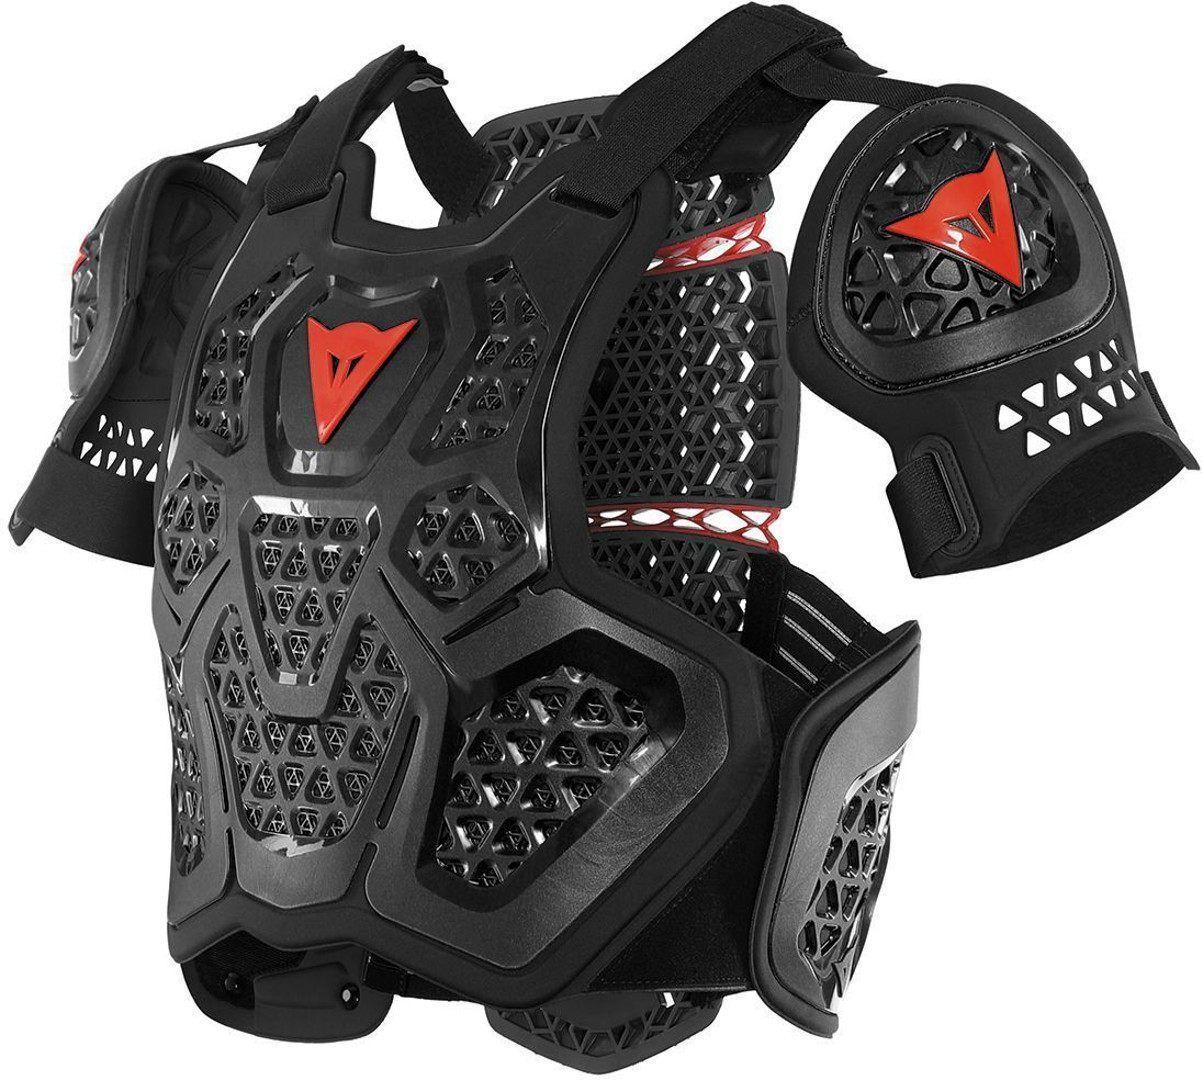 Dainese MX1 Roost Guard Giubbotto di protezione